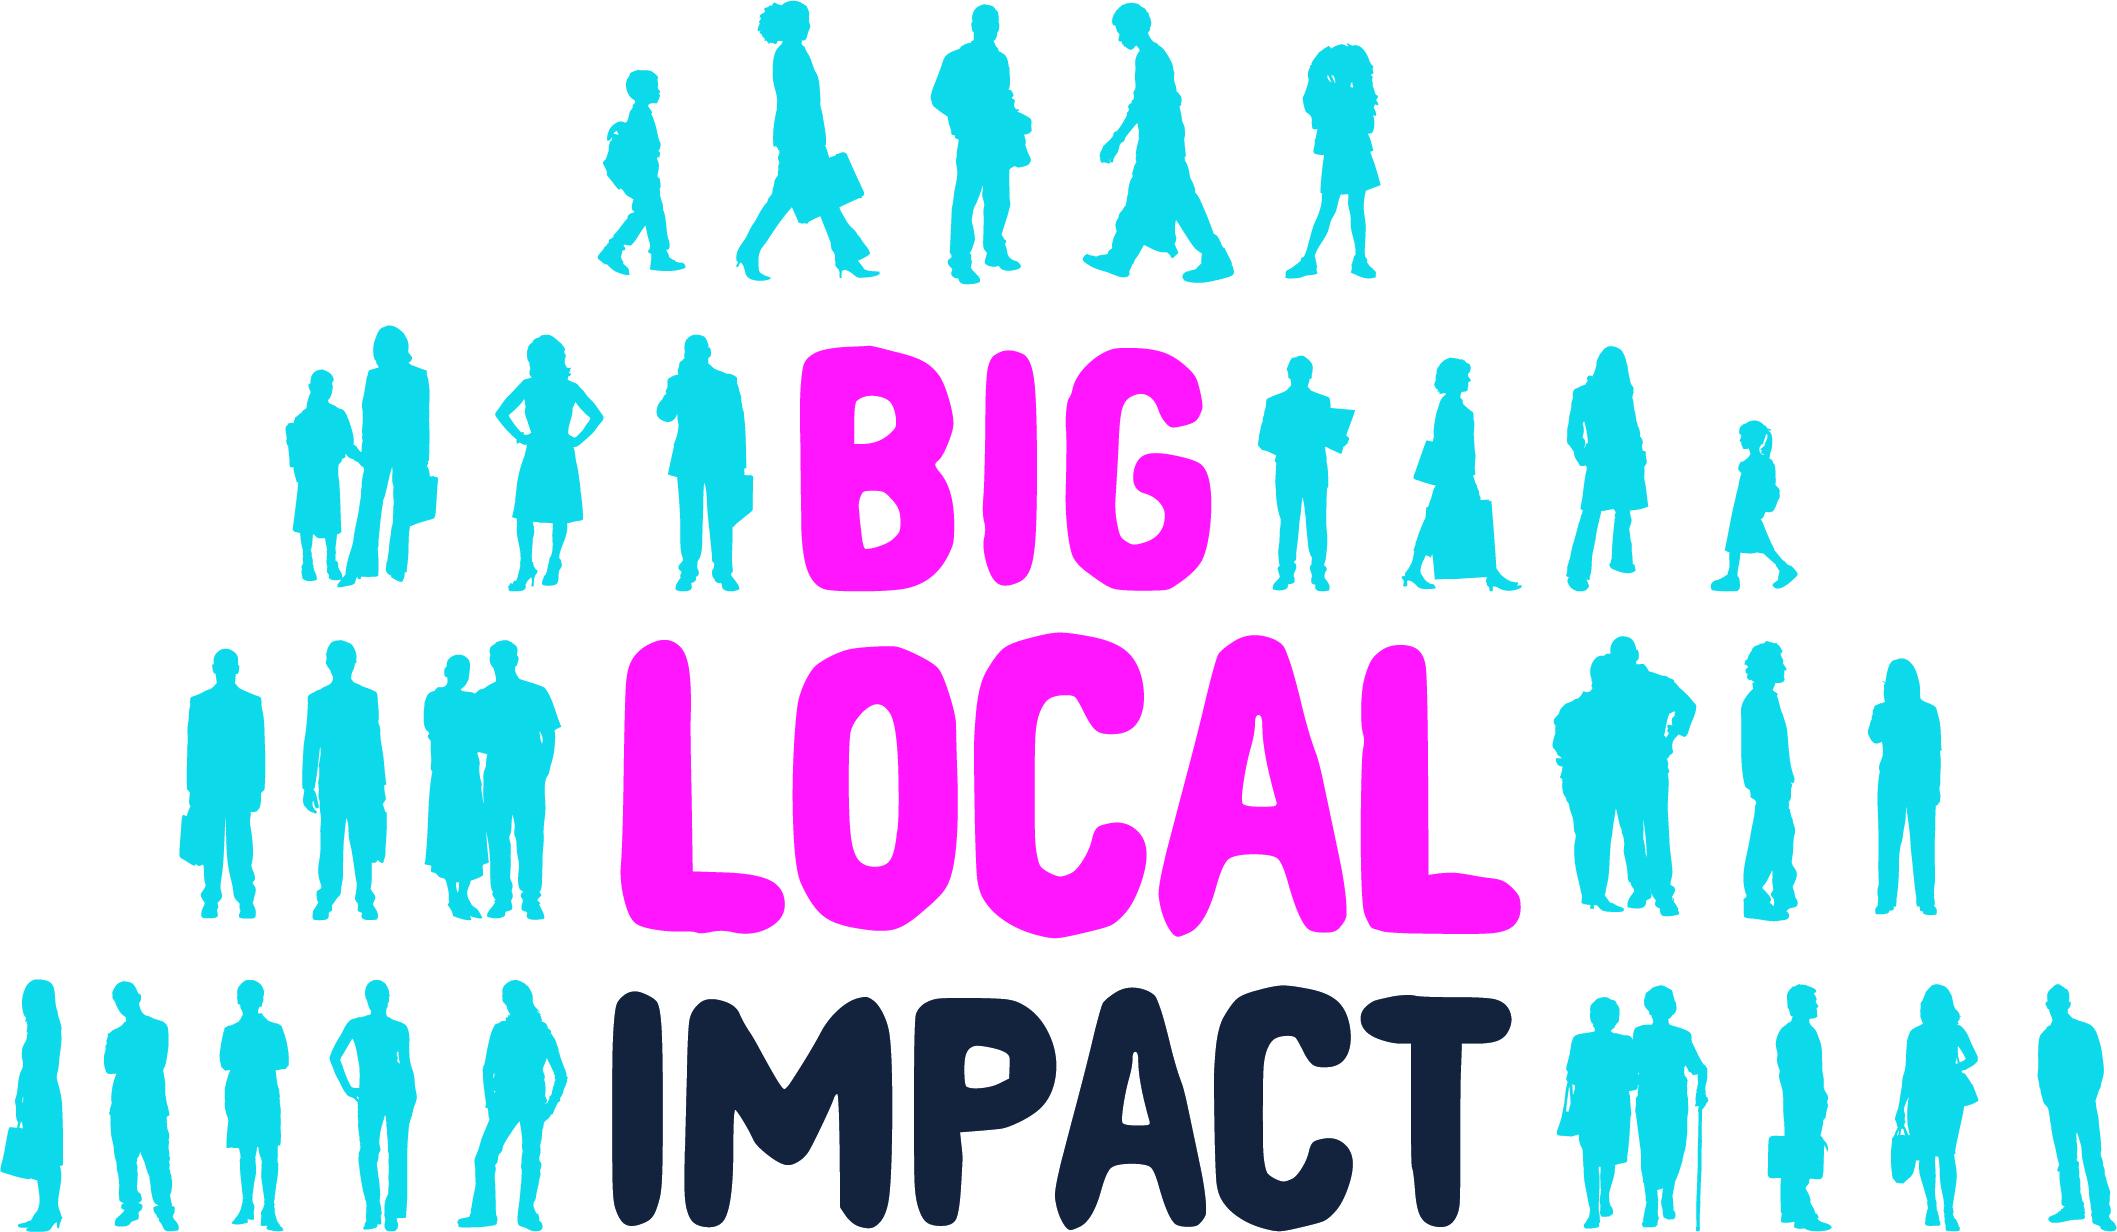 Big Local Impact ãÆ.jpg